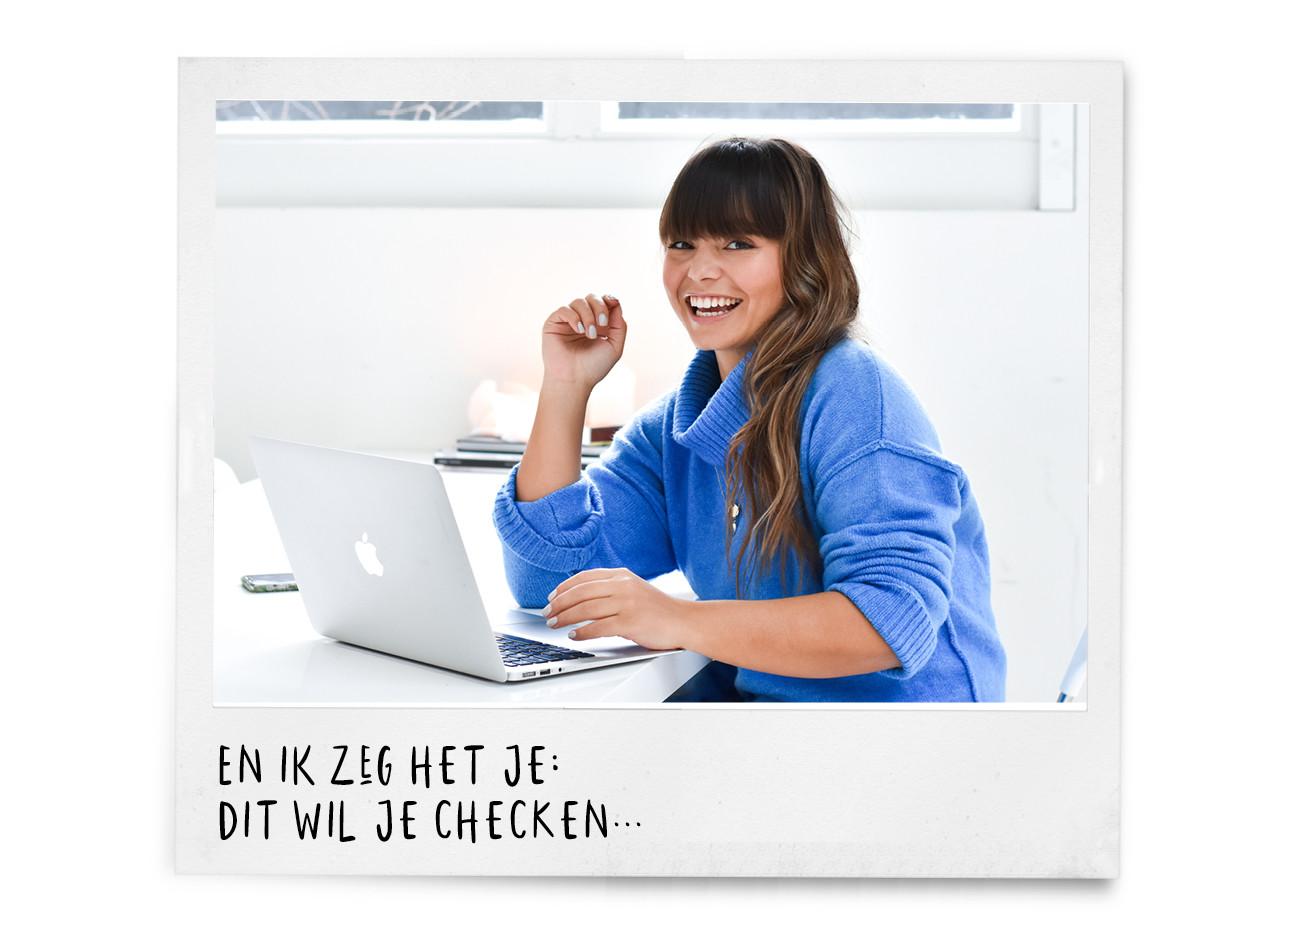 kiki laptop blauwe trui